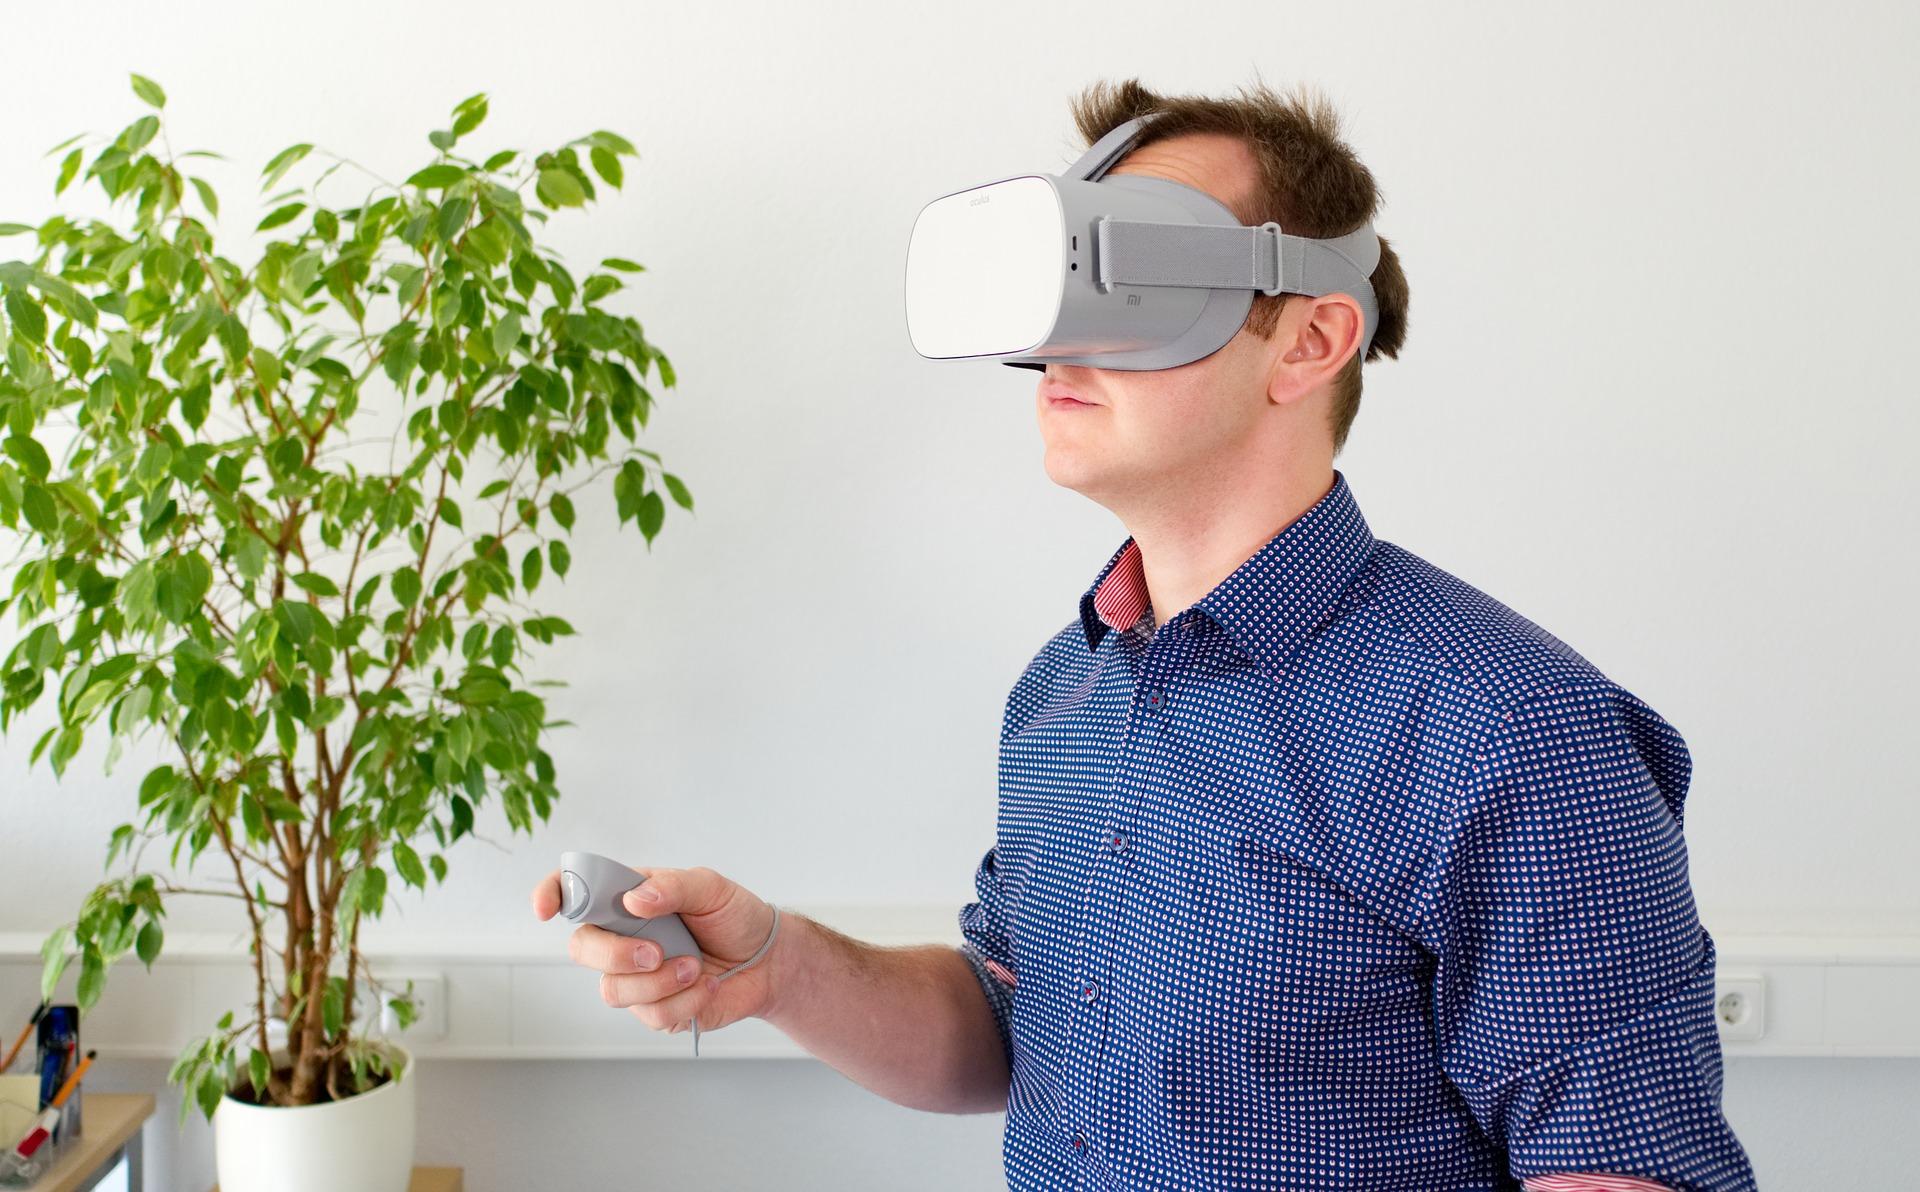 5Gで実現可能な仮想現実に必要不可欠な2つの要素とは